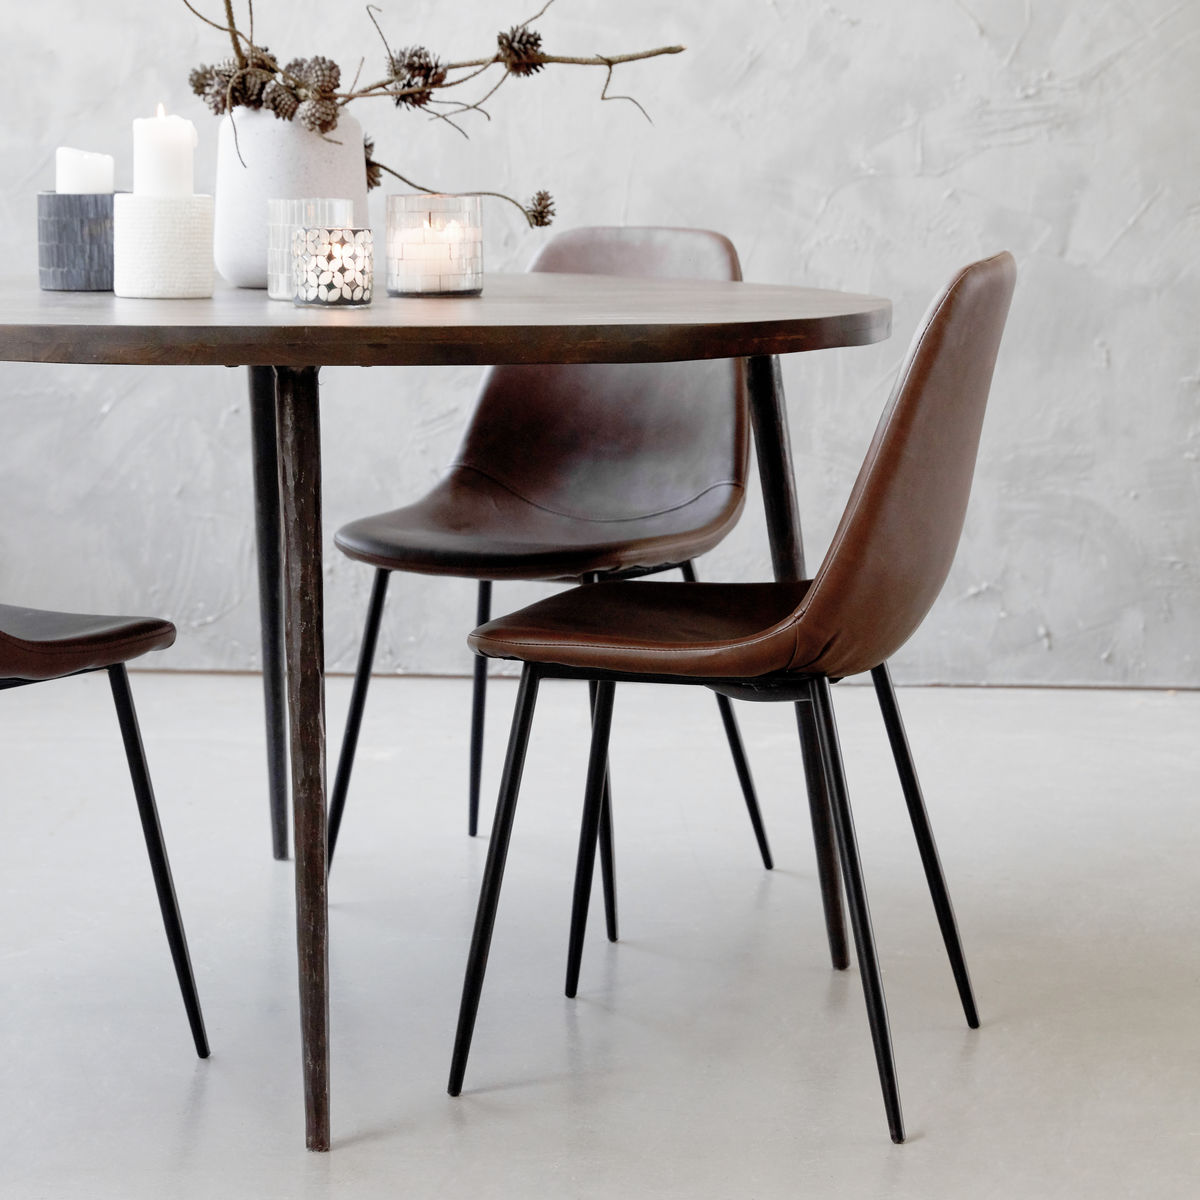 house doctor forms stol brown balck kr 995 olen mobel. Black Bedroom Furniture Sets. Home Design Ideas